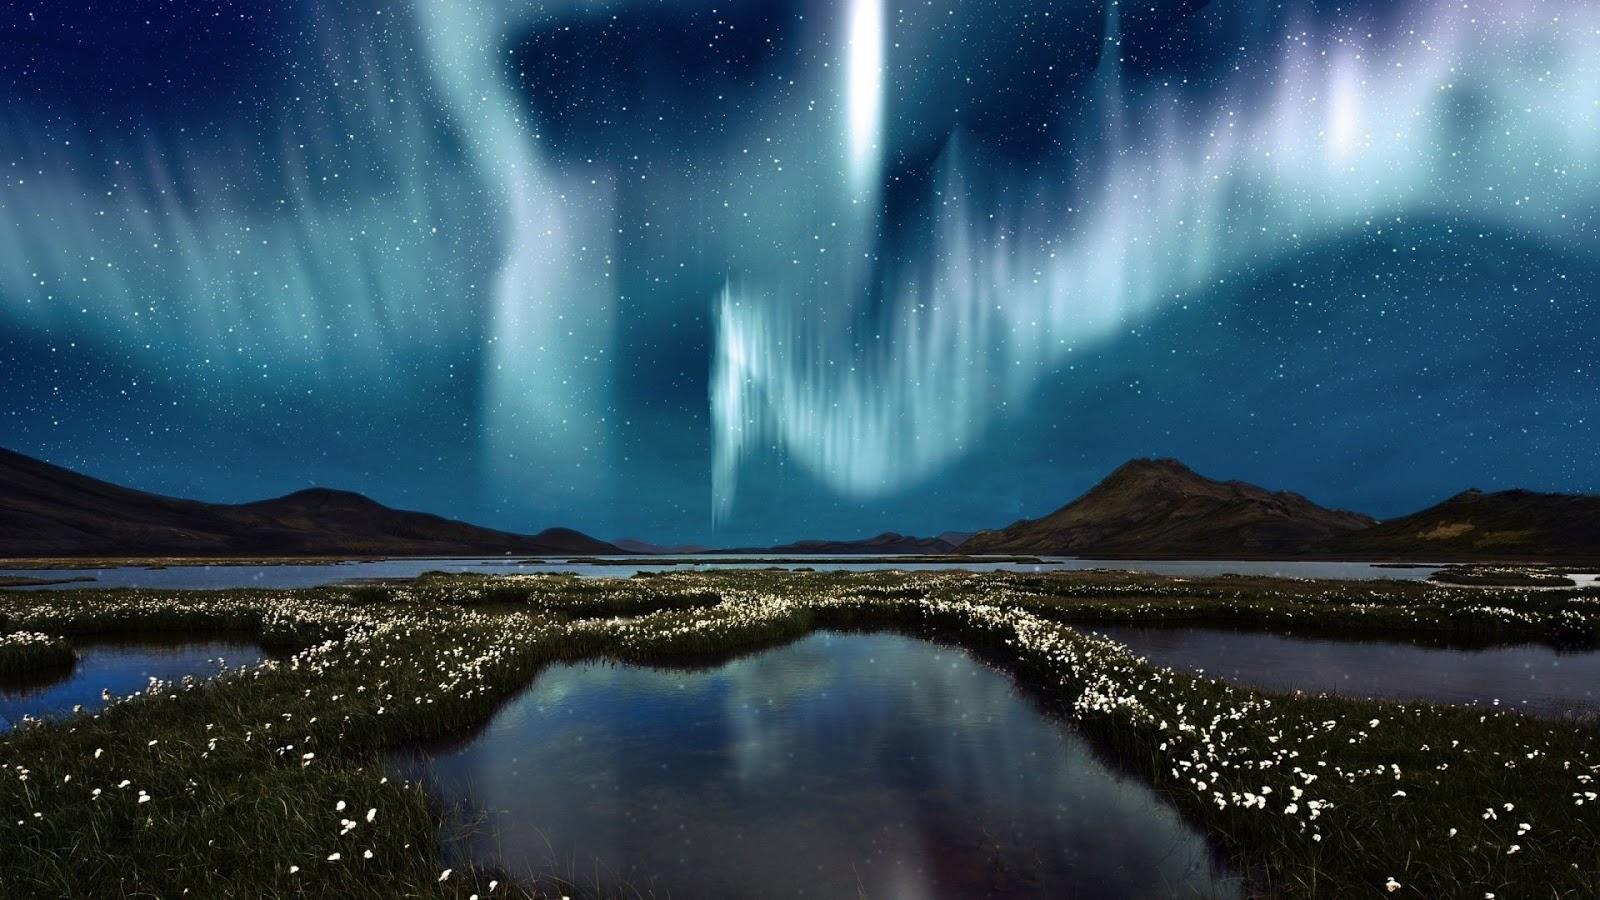 Blue White Aurora Borealis